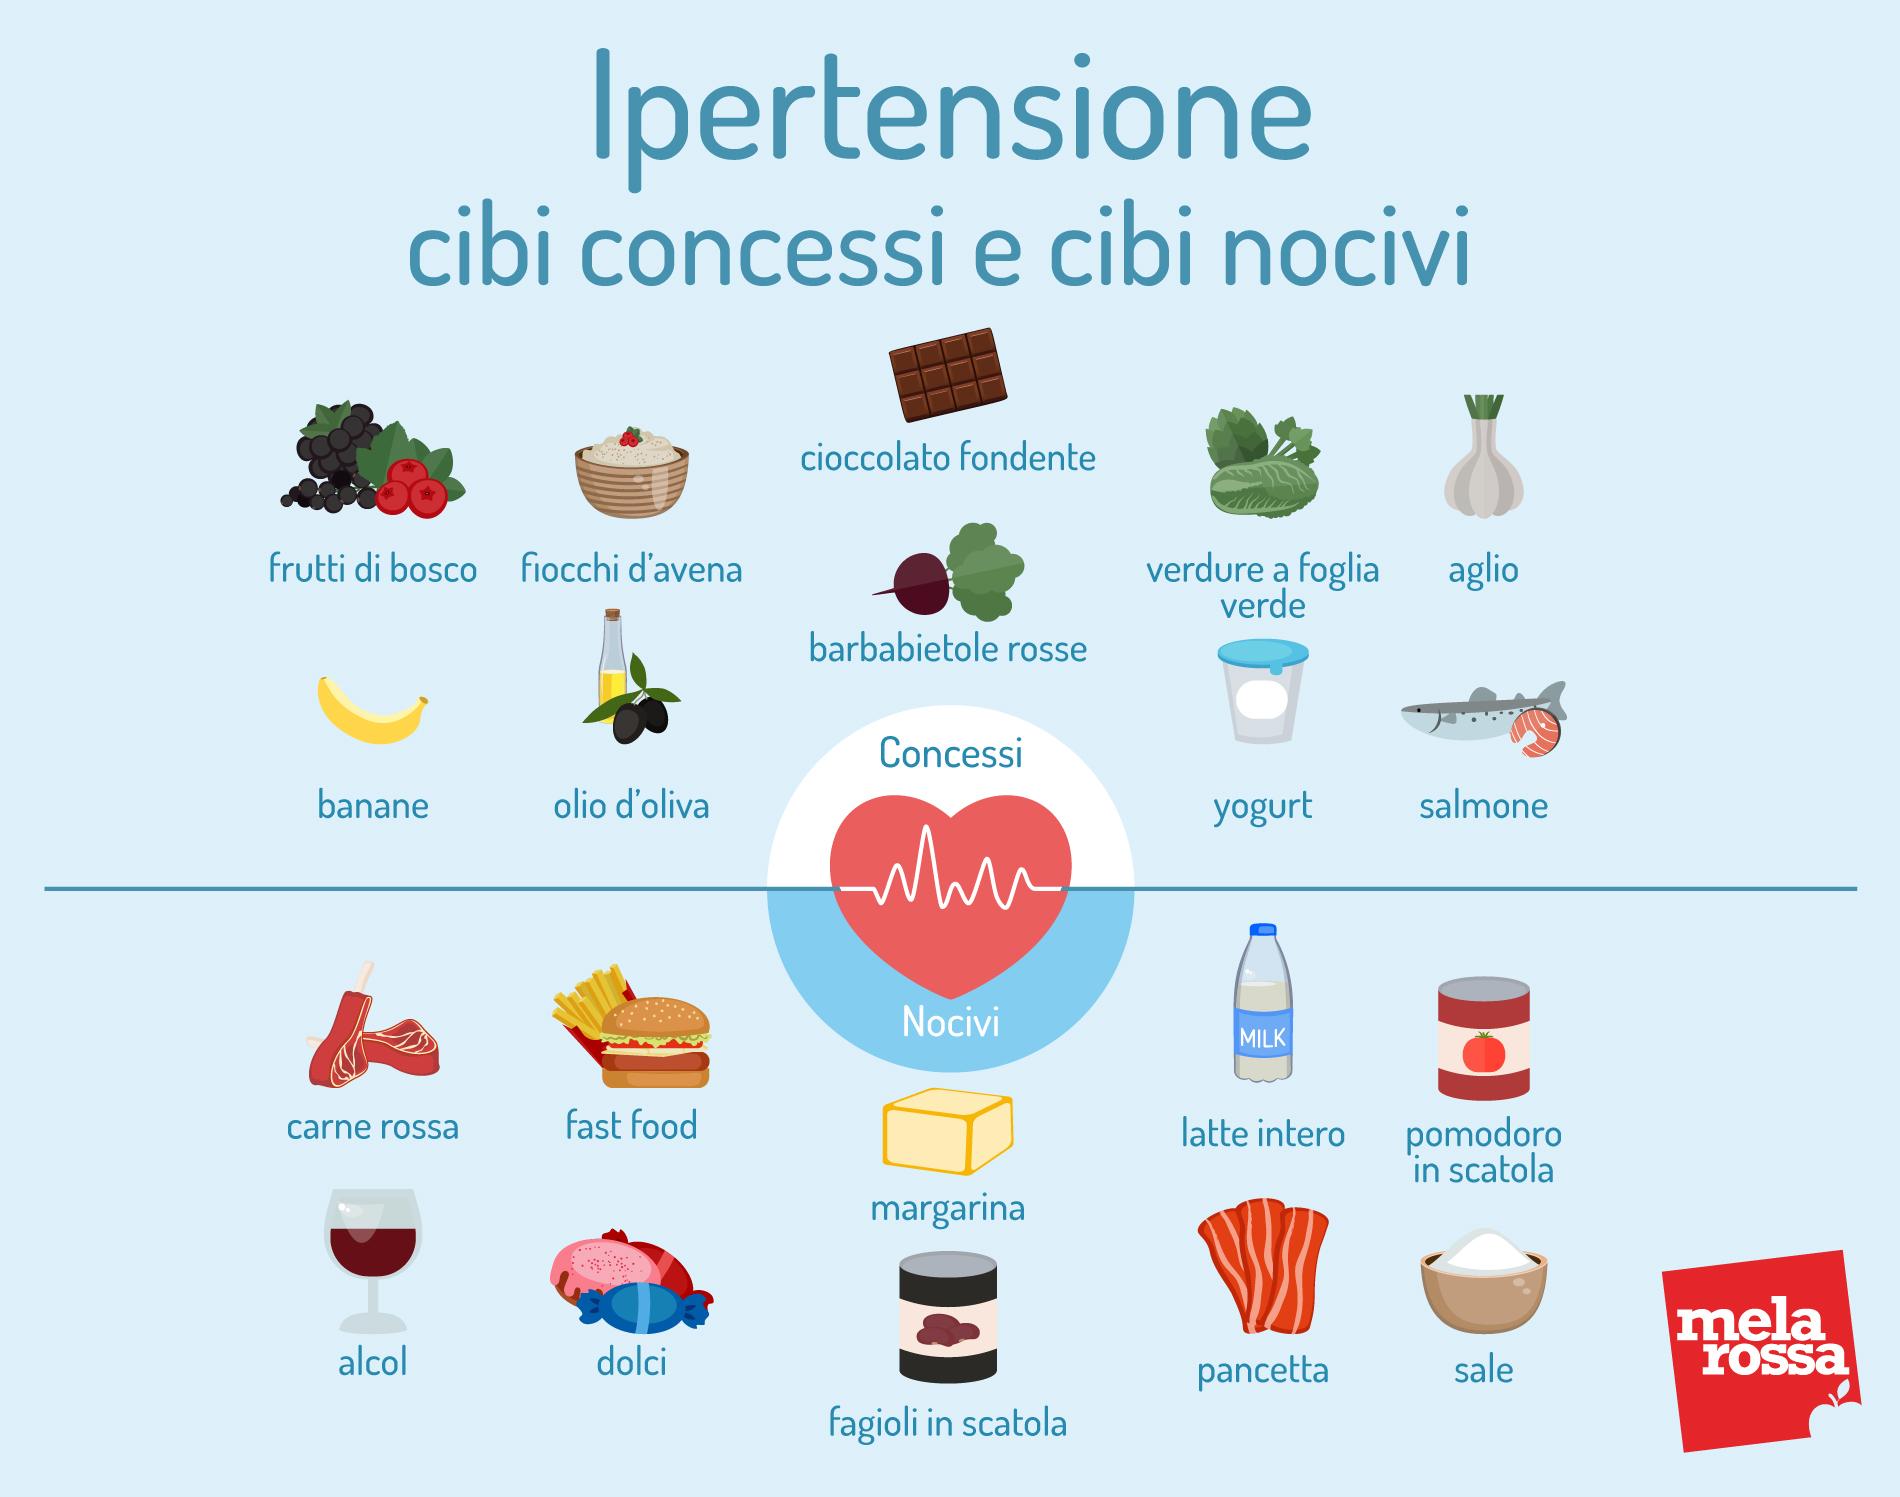 ipertensione: cibi si e cibi da evitare